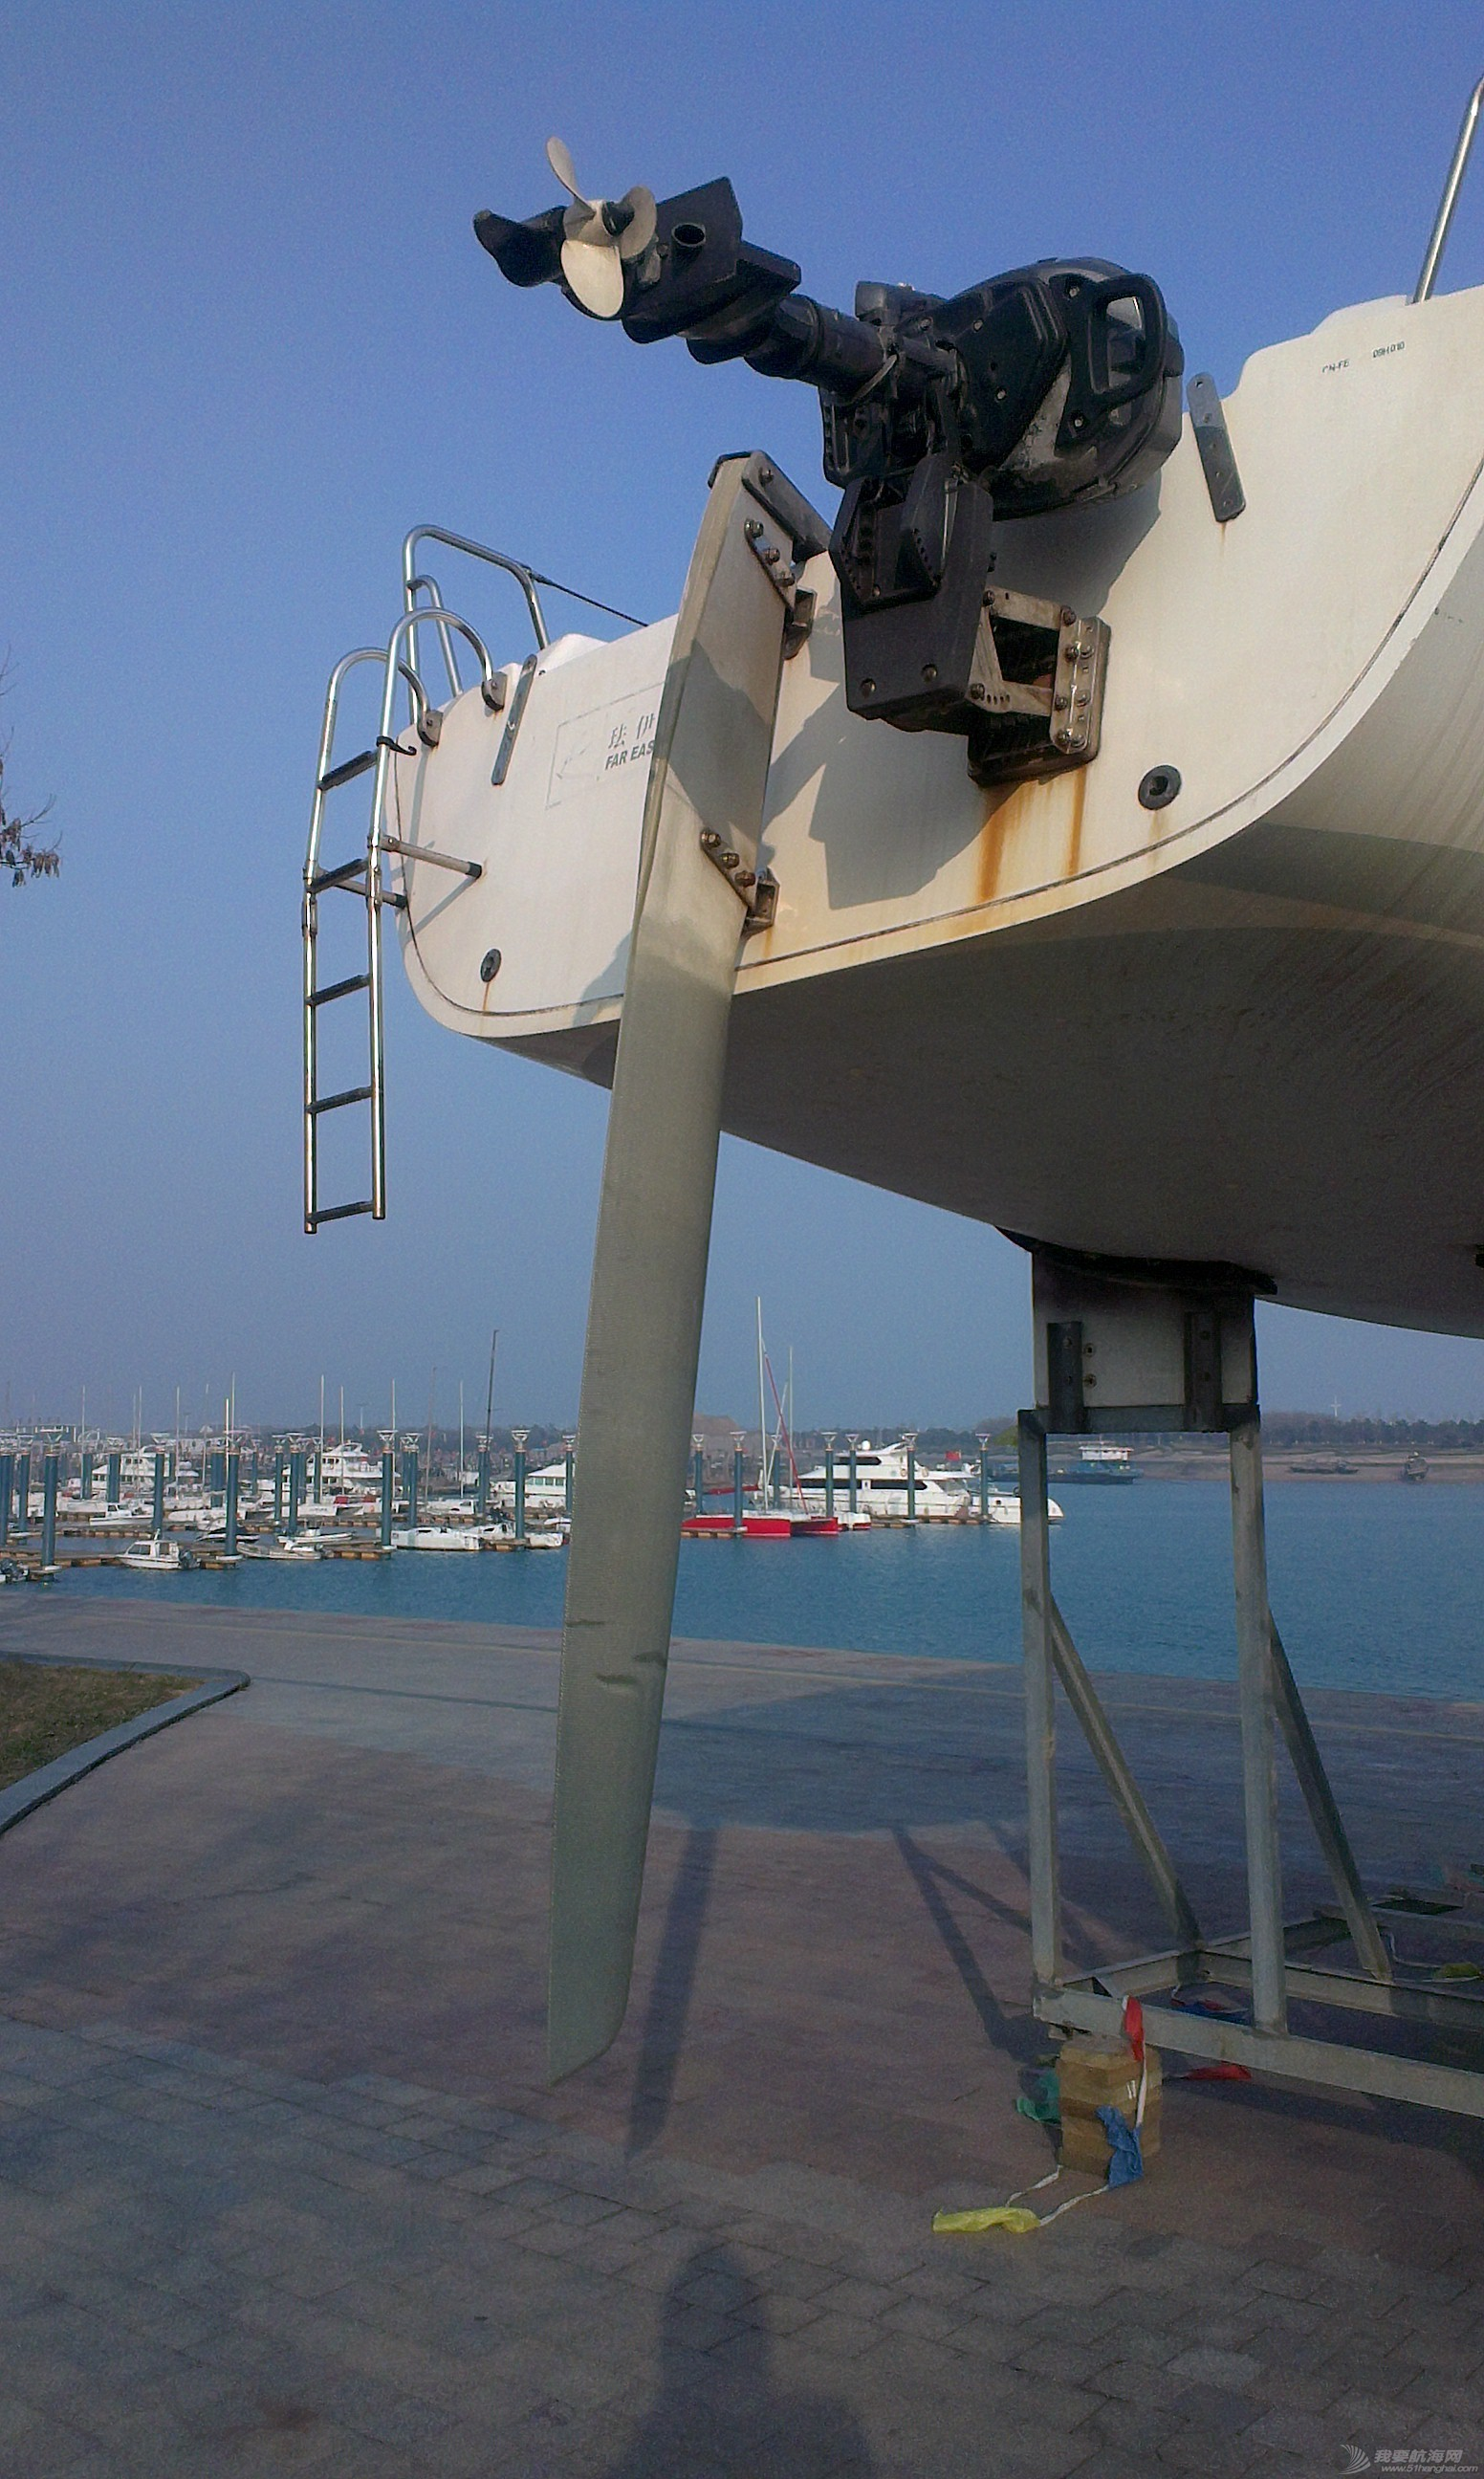 帆船 免费航海不是梦…我是十四期学员(我要去航海/全民公益航海帆船训练) IMAG0110.jpg